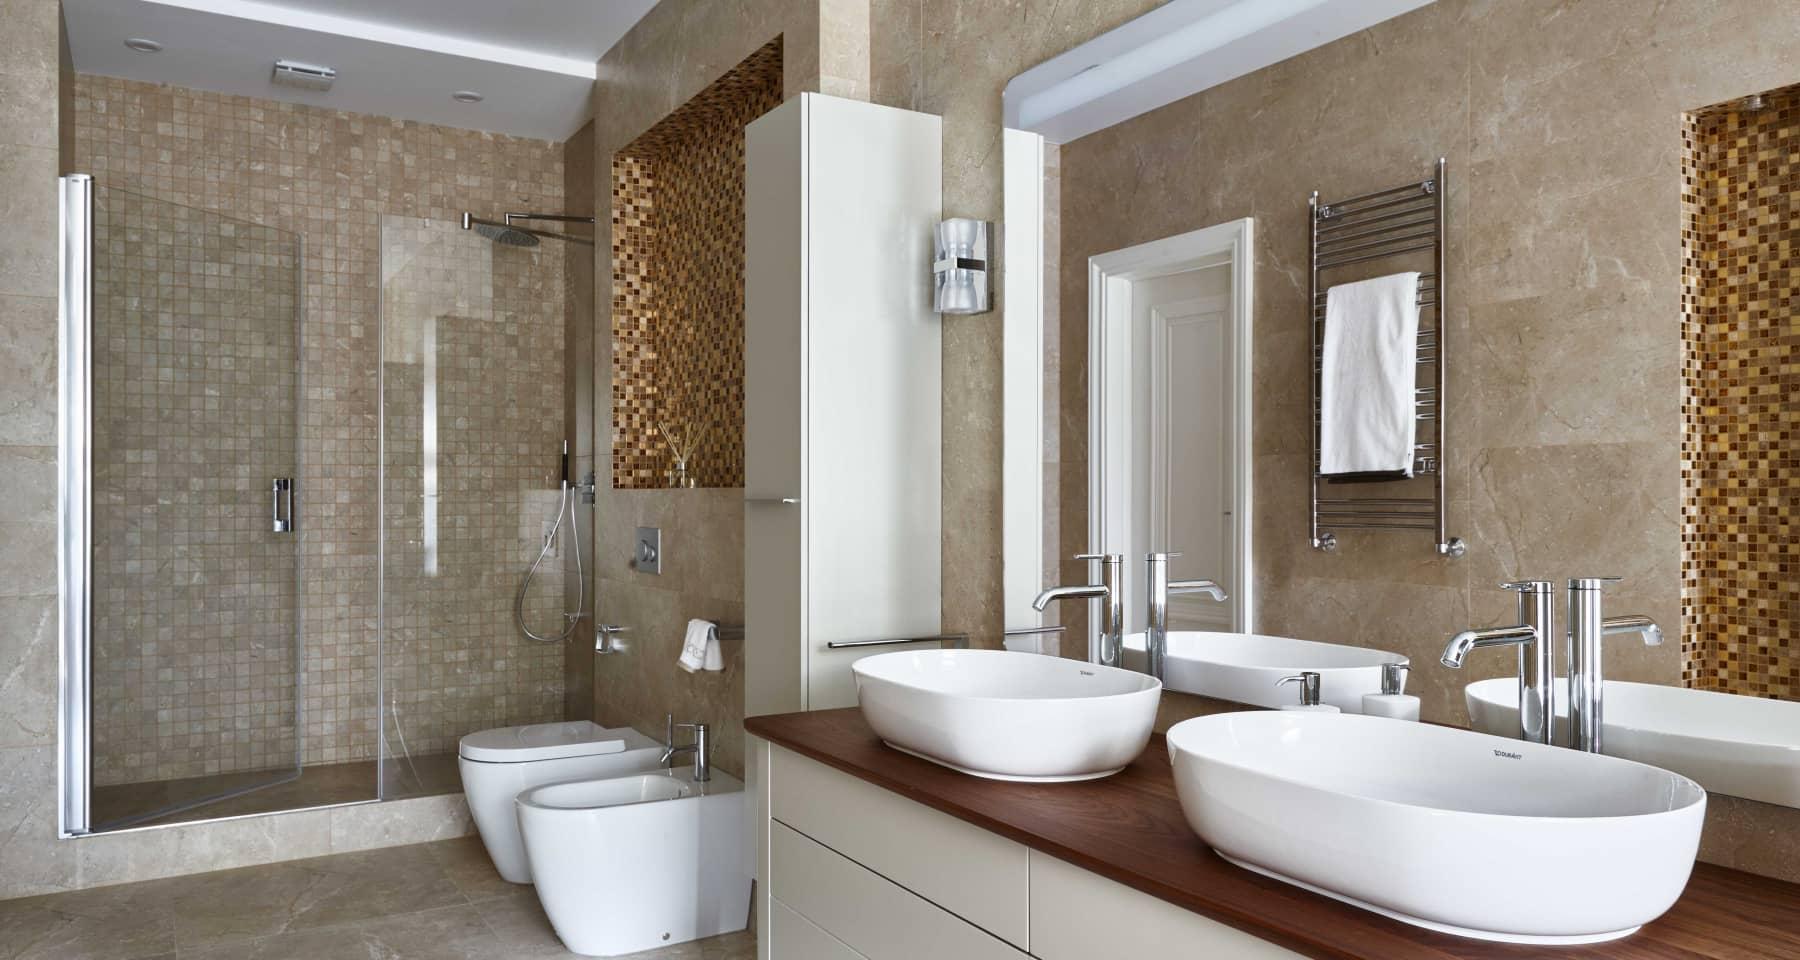 Фотография ванной с душевой